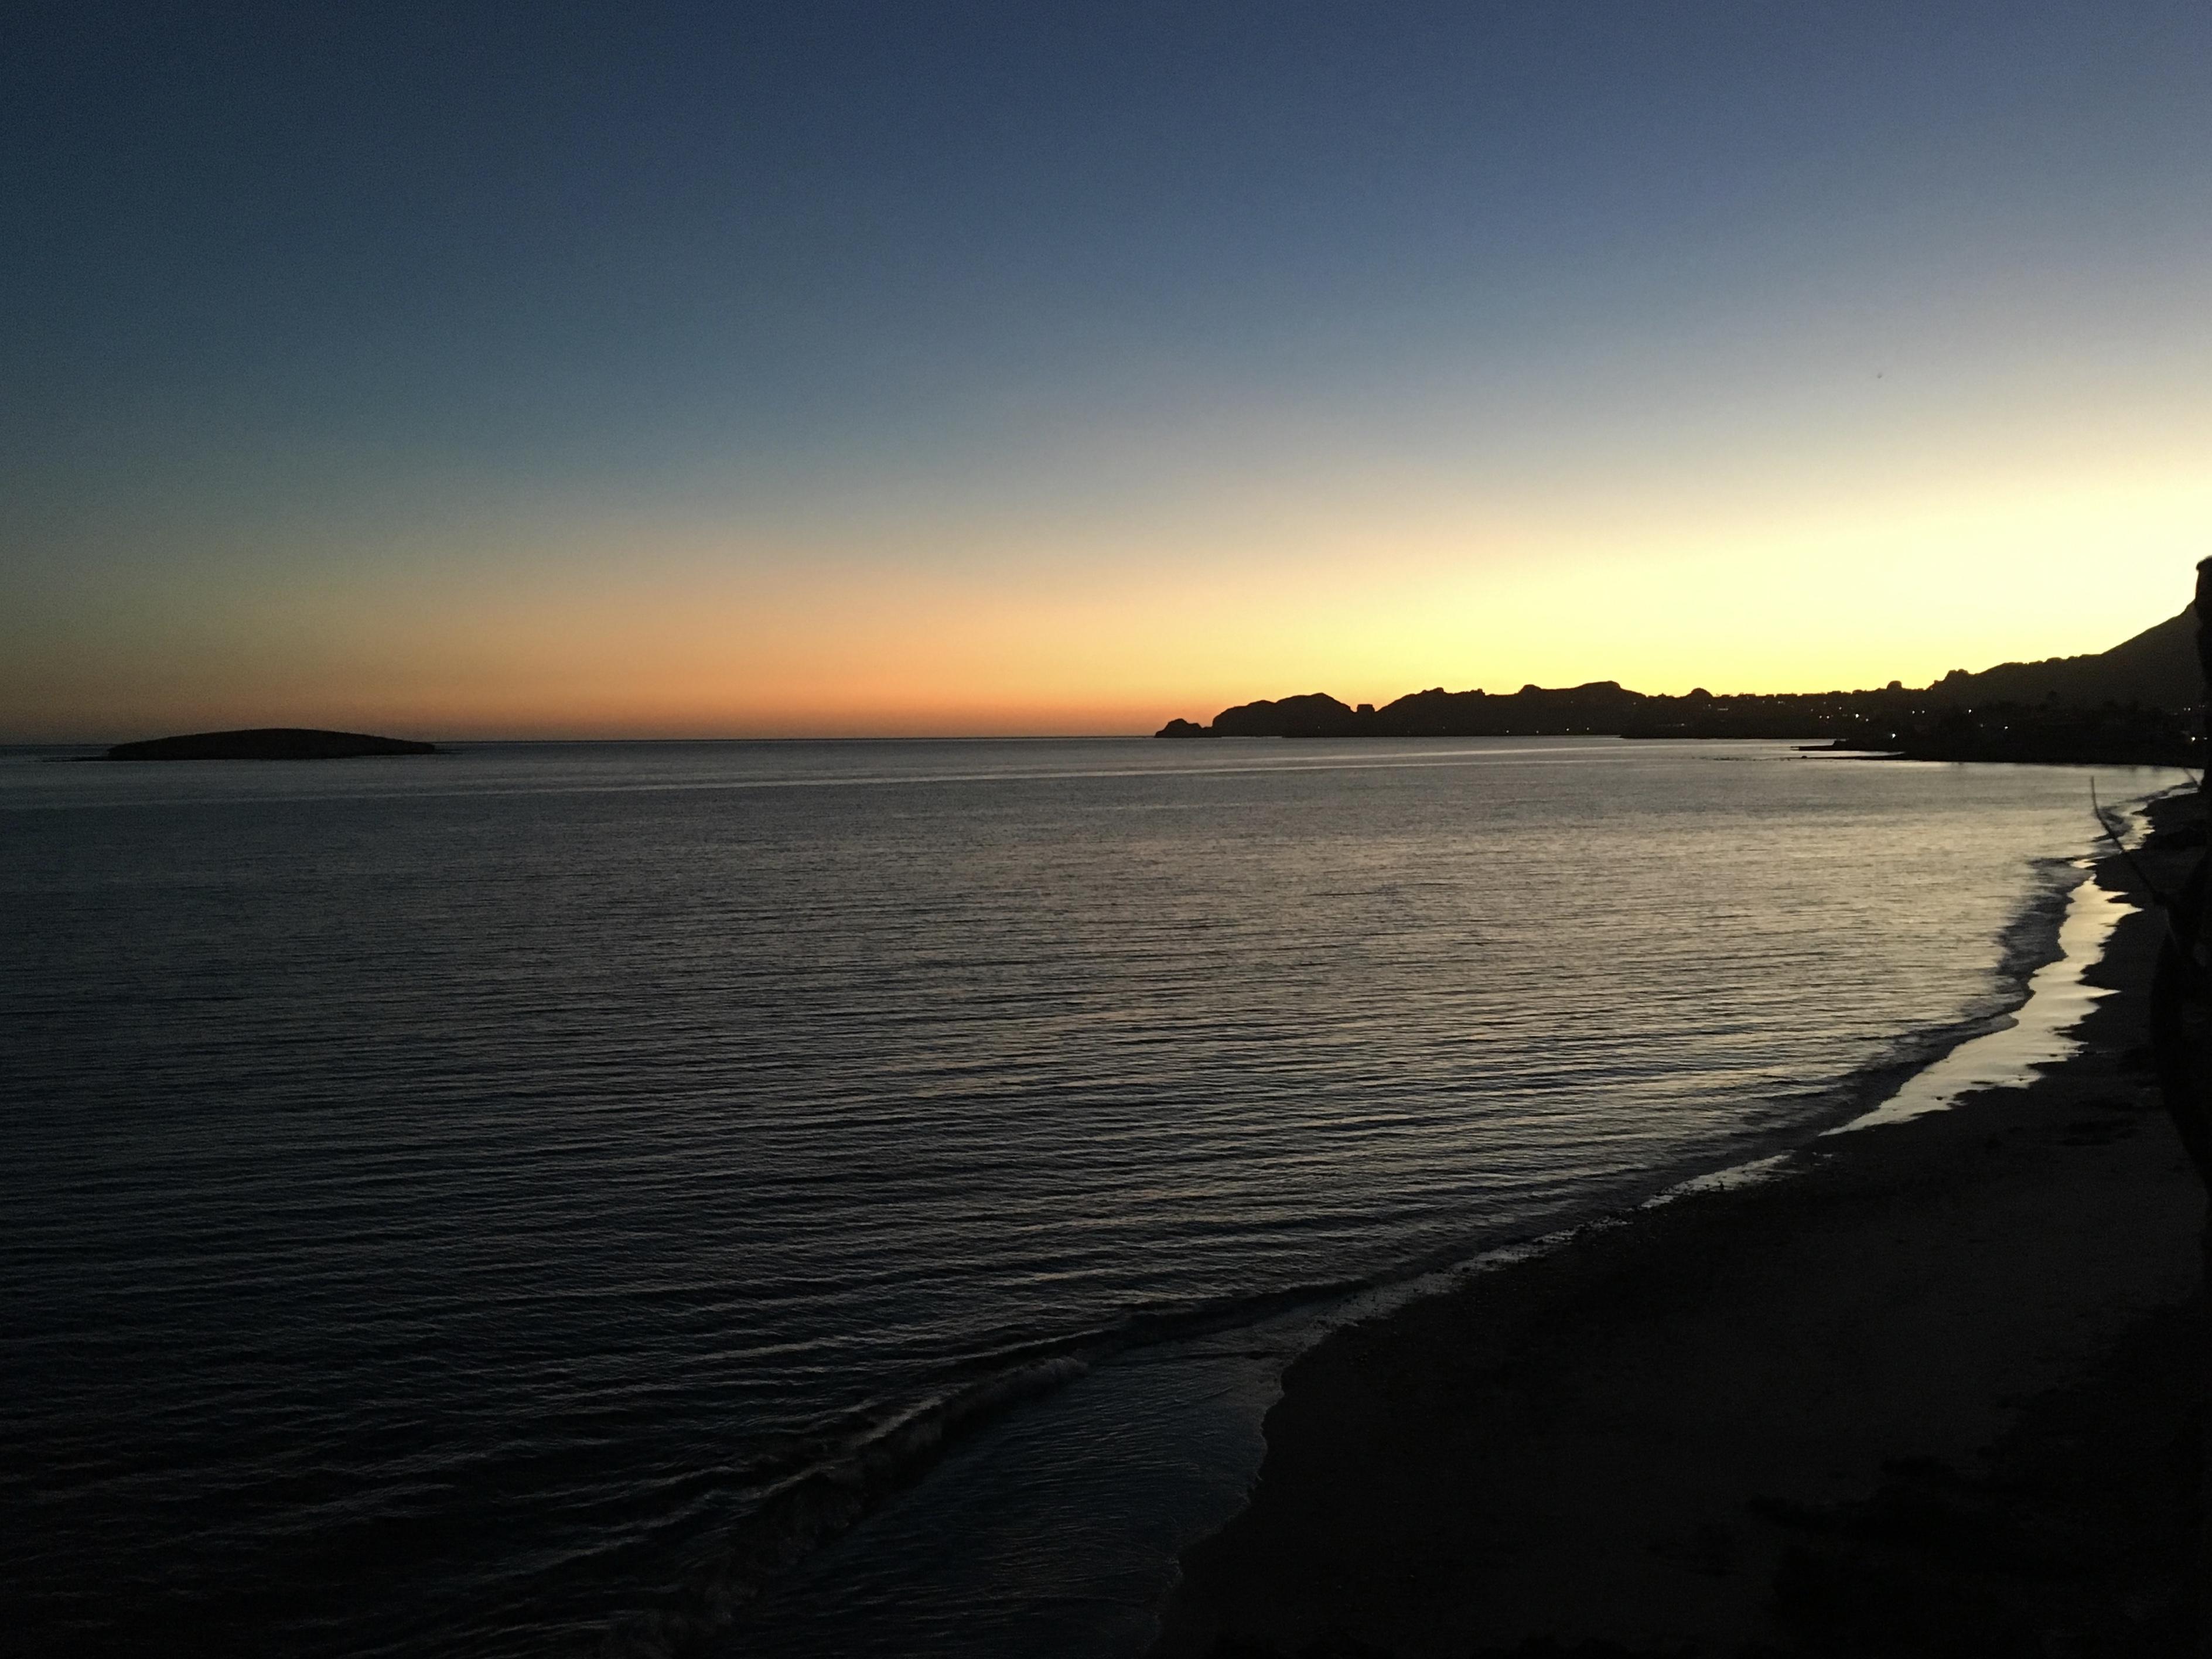 Nach einem langen Tag on the road erhaschen wir noch die letzten Lichtstrahlen über dem Meer.